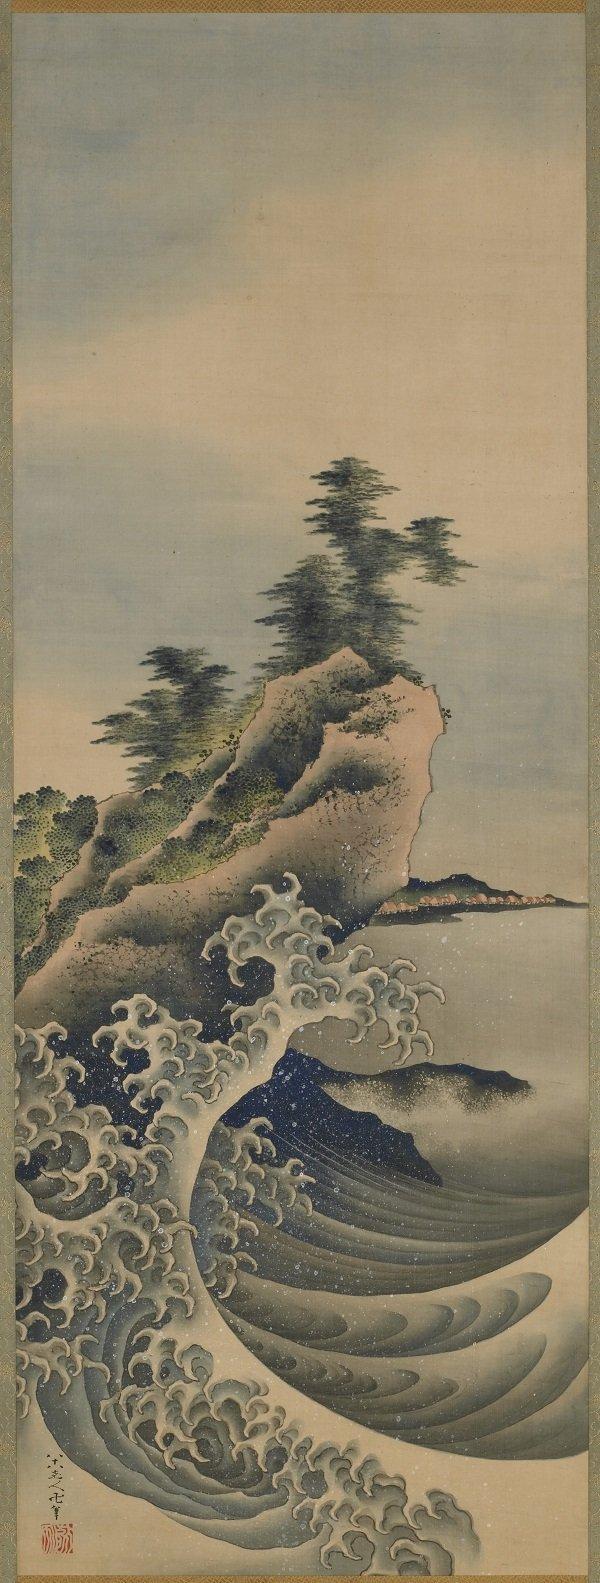 Breaking-Waves-by-Katsushika-Hokusai.jpg